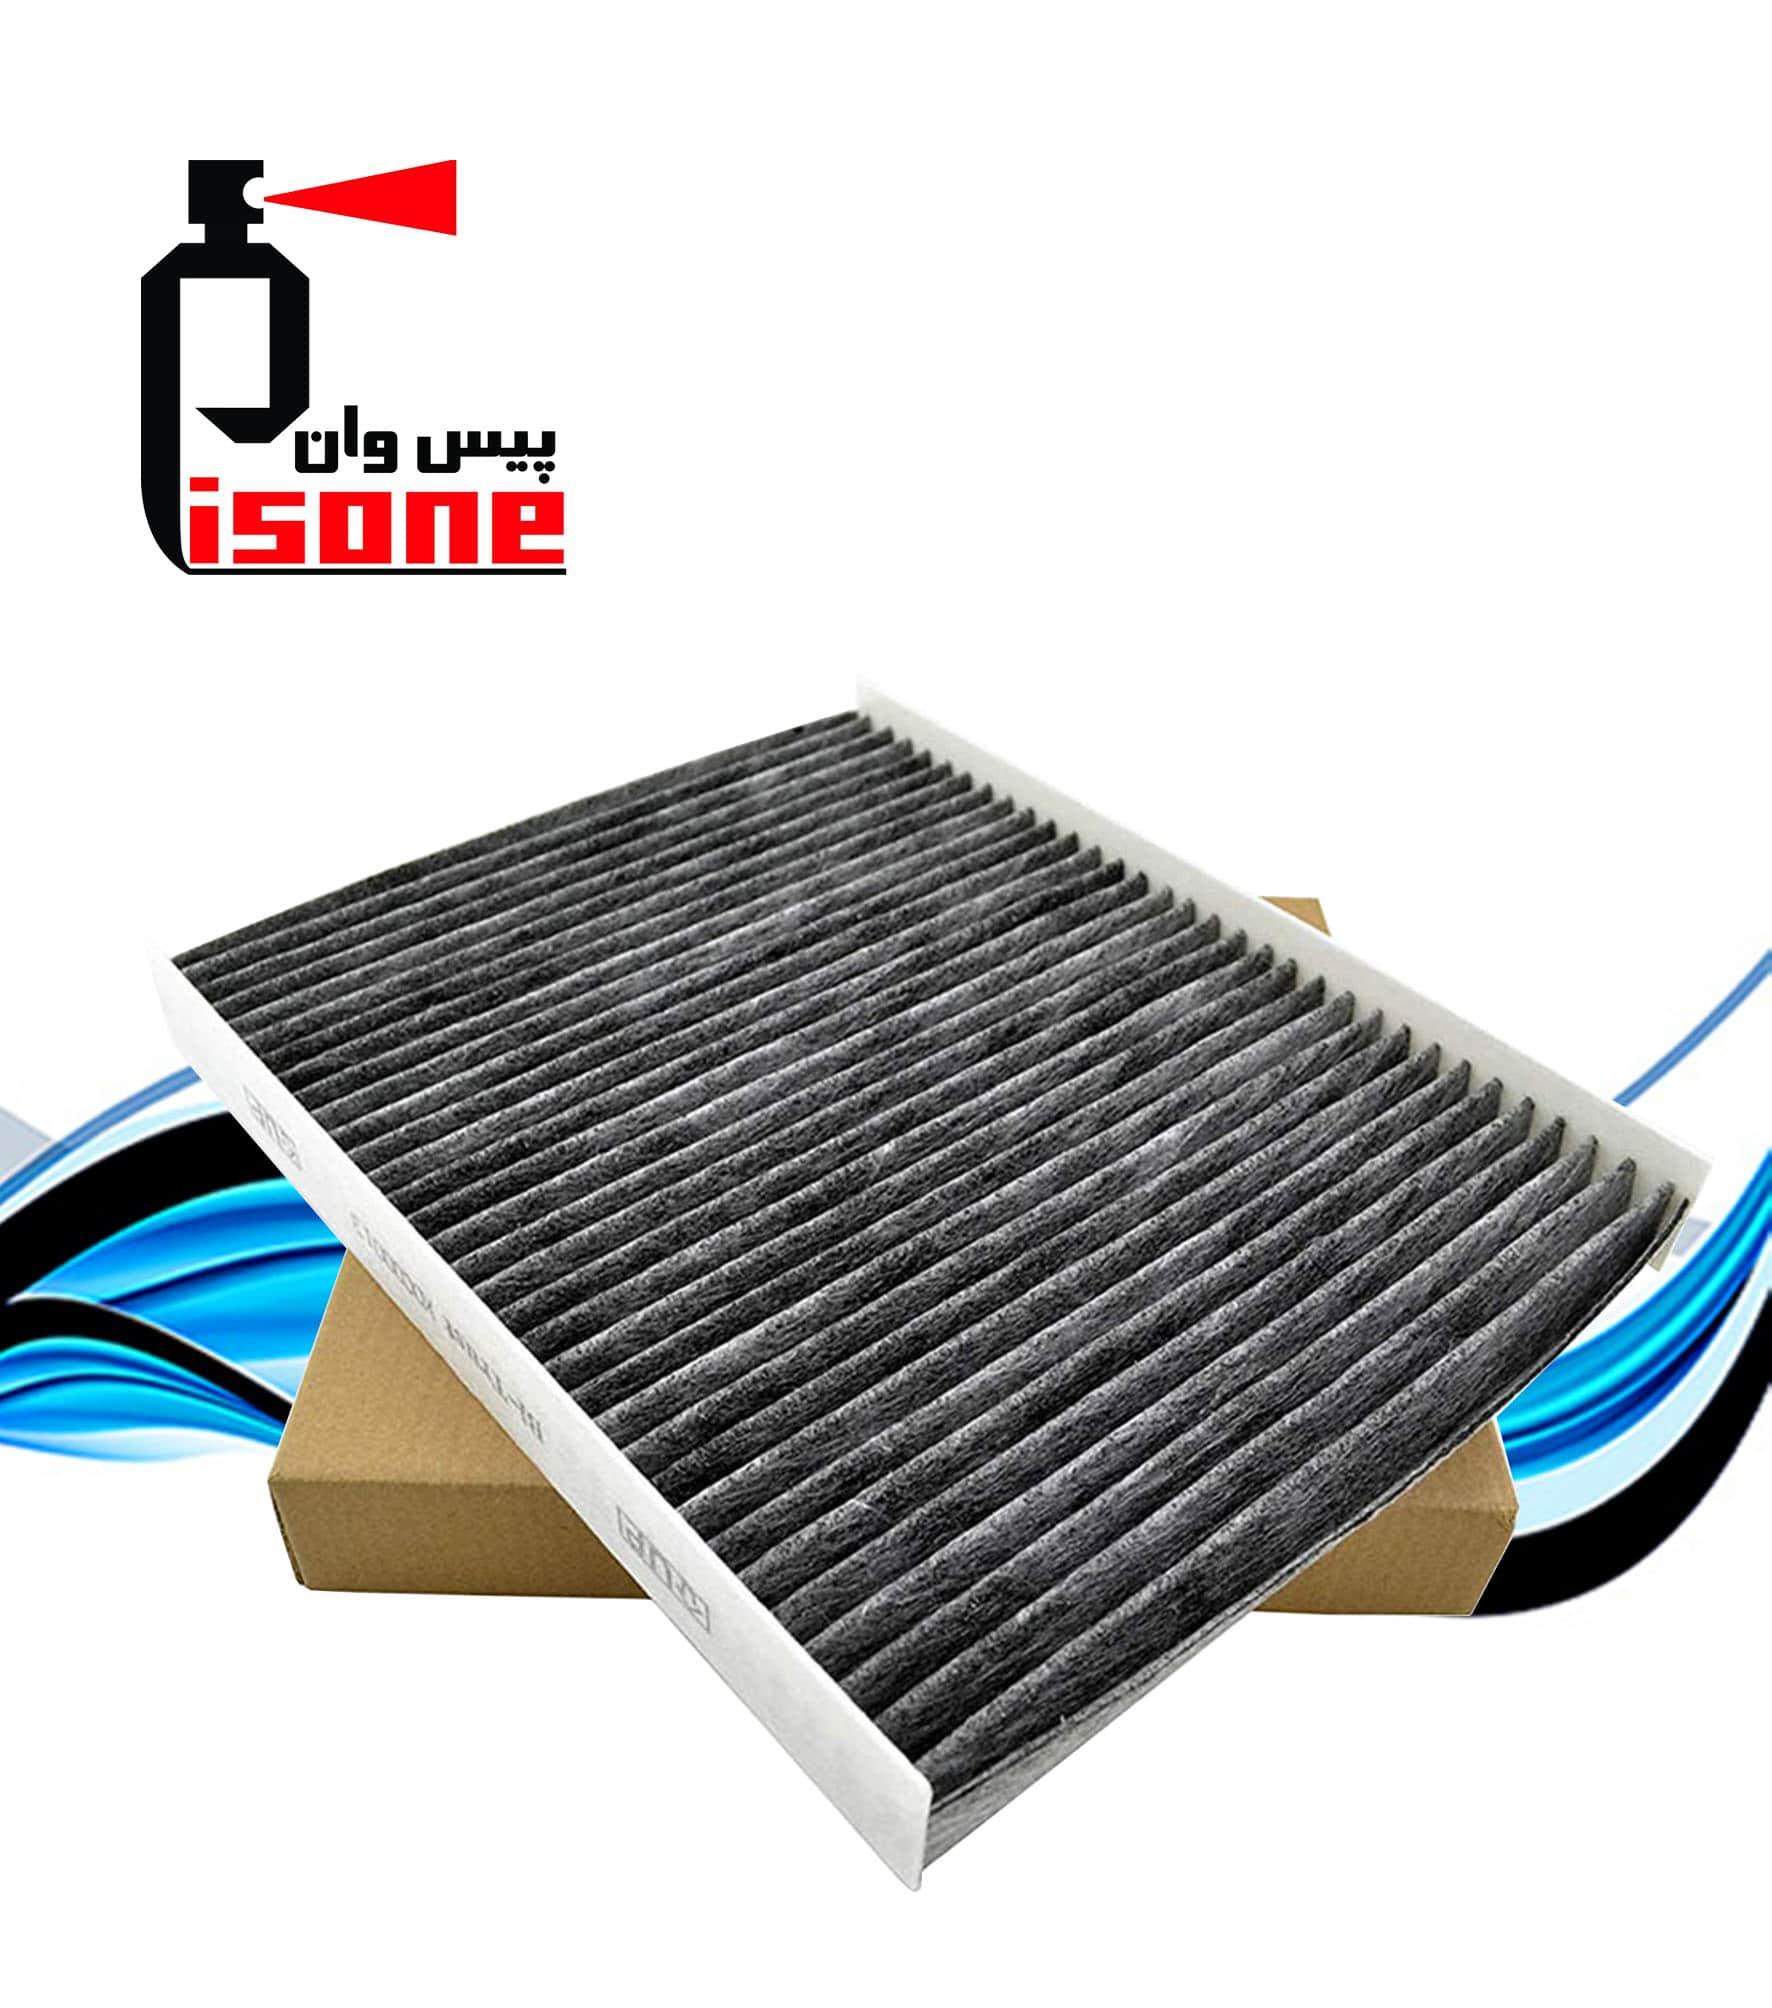 فیلتر کابین کربنی هیوندای سانتافه 3500 با کد فنی 971333SAA0